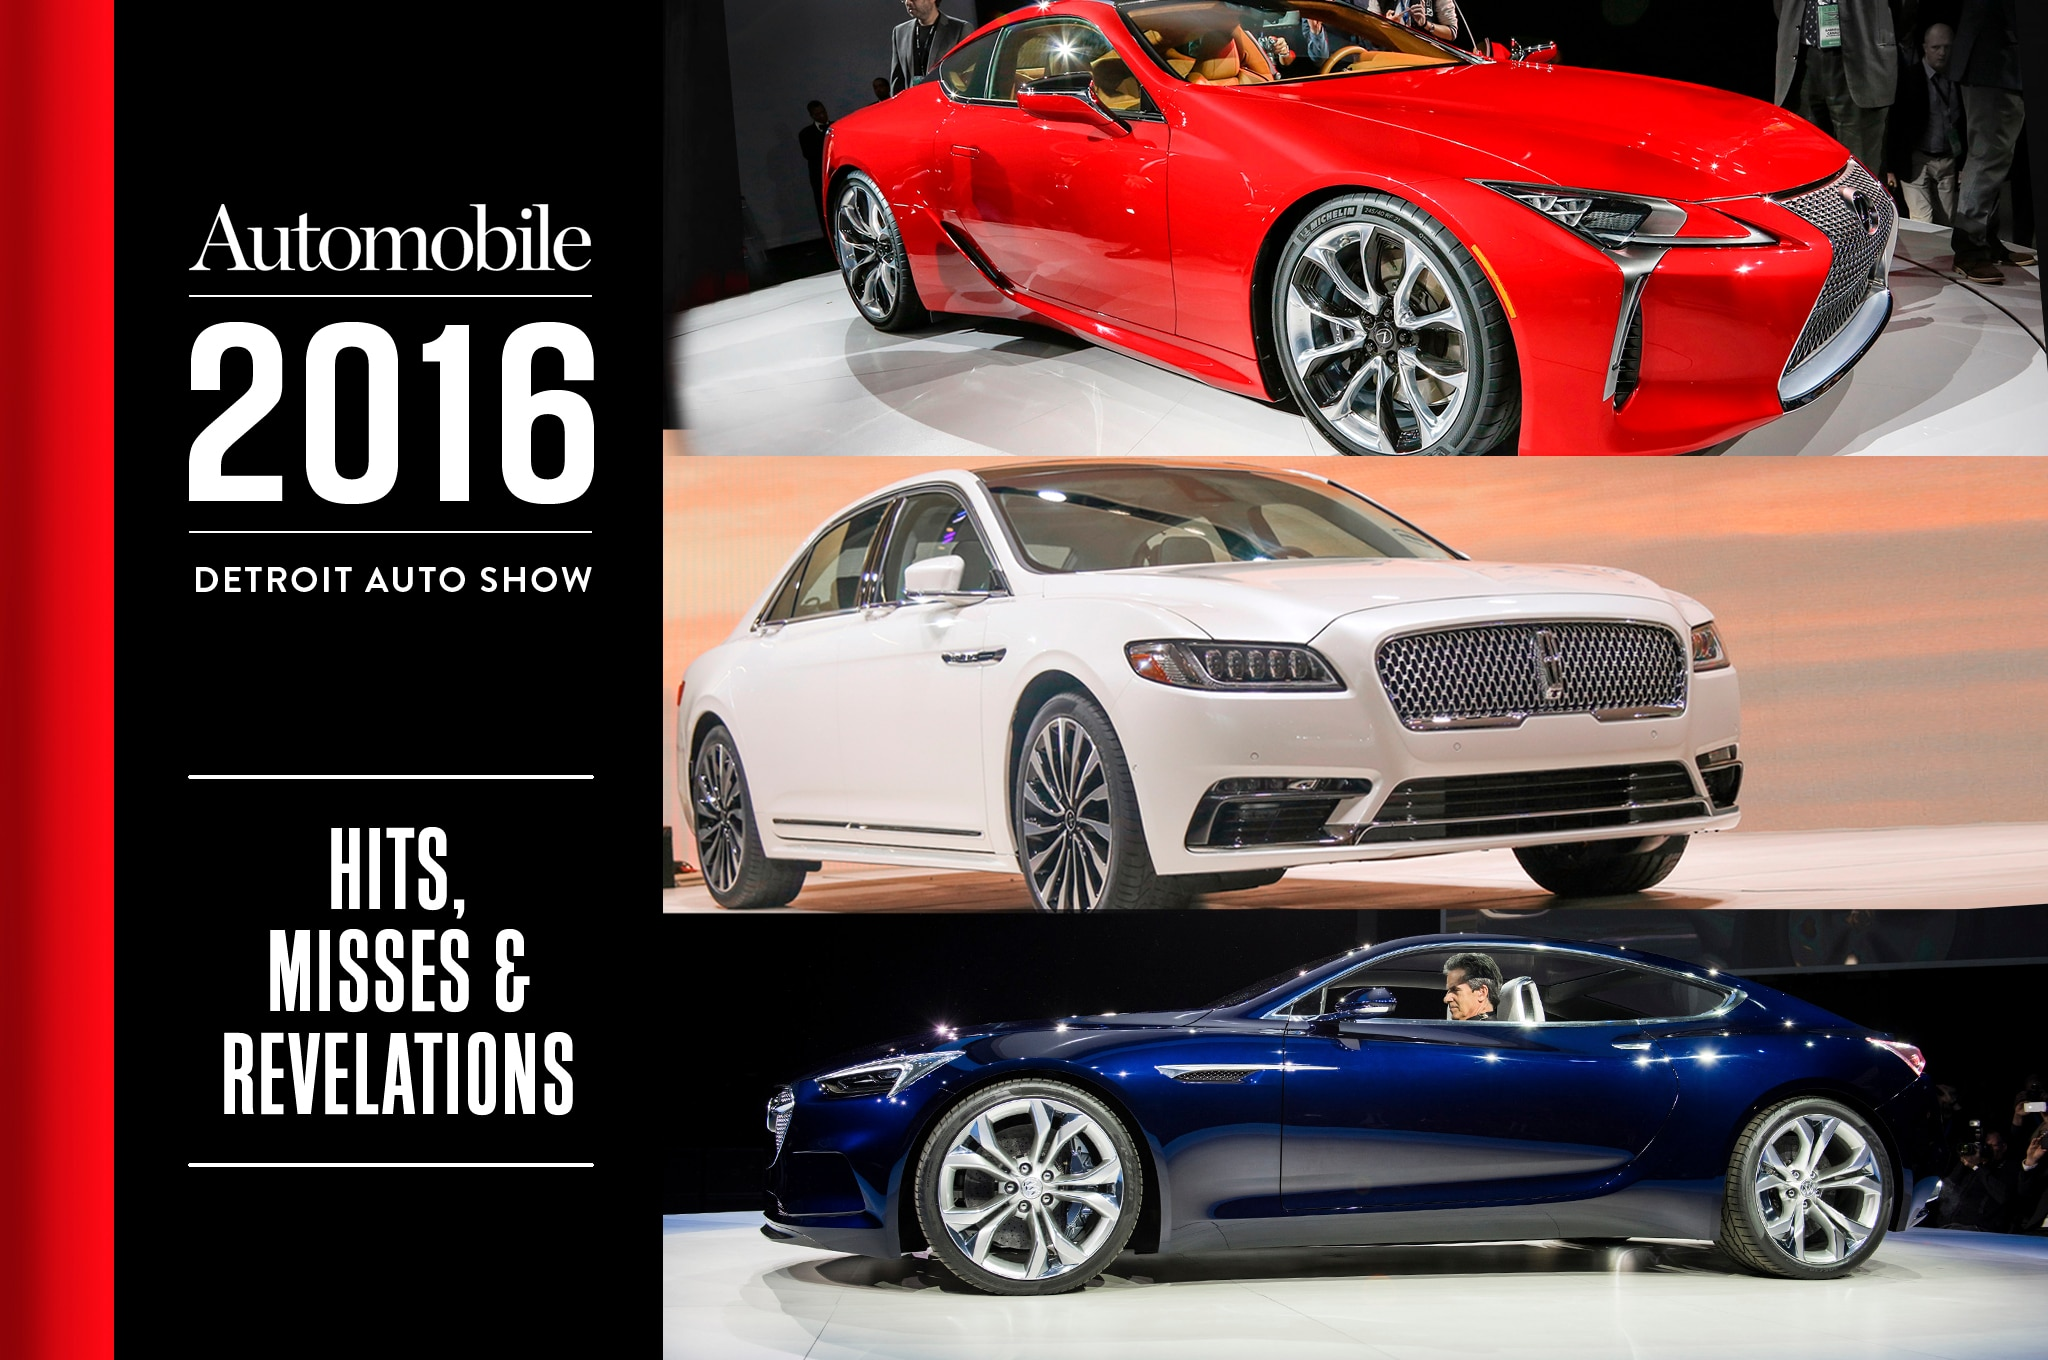 2016 Detroit Auto Show Hits Misses Revelations